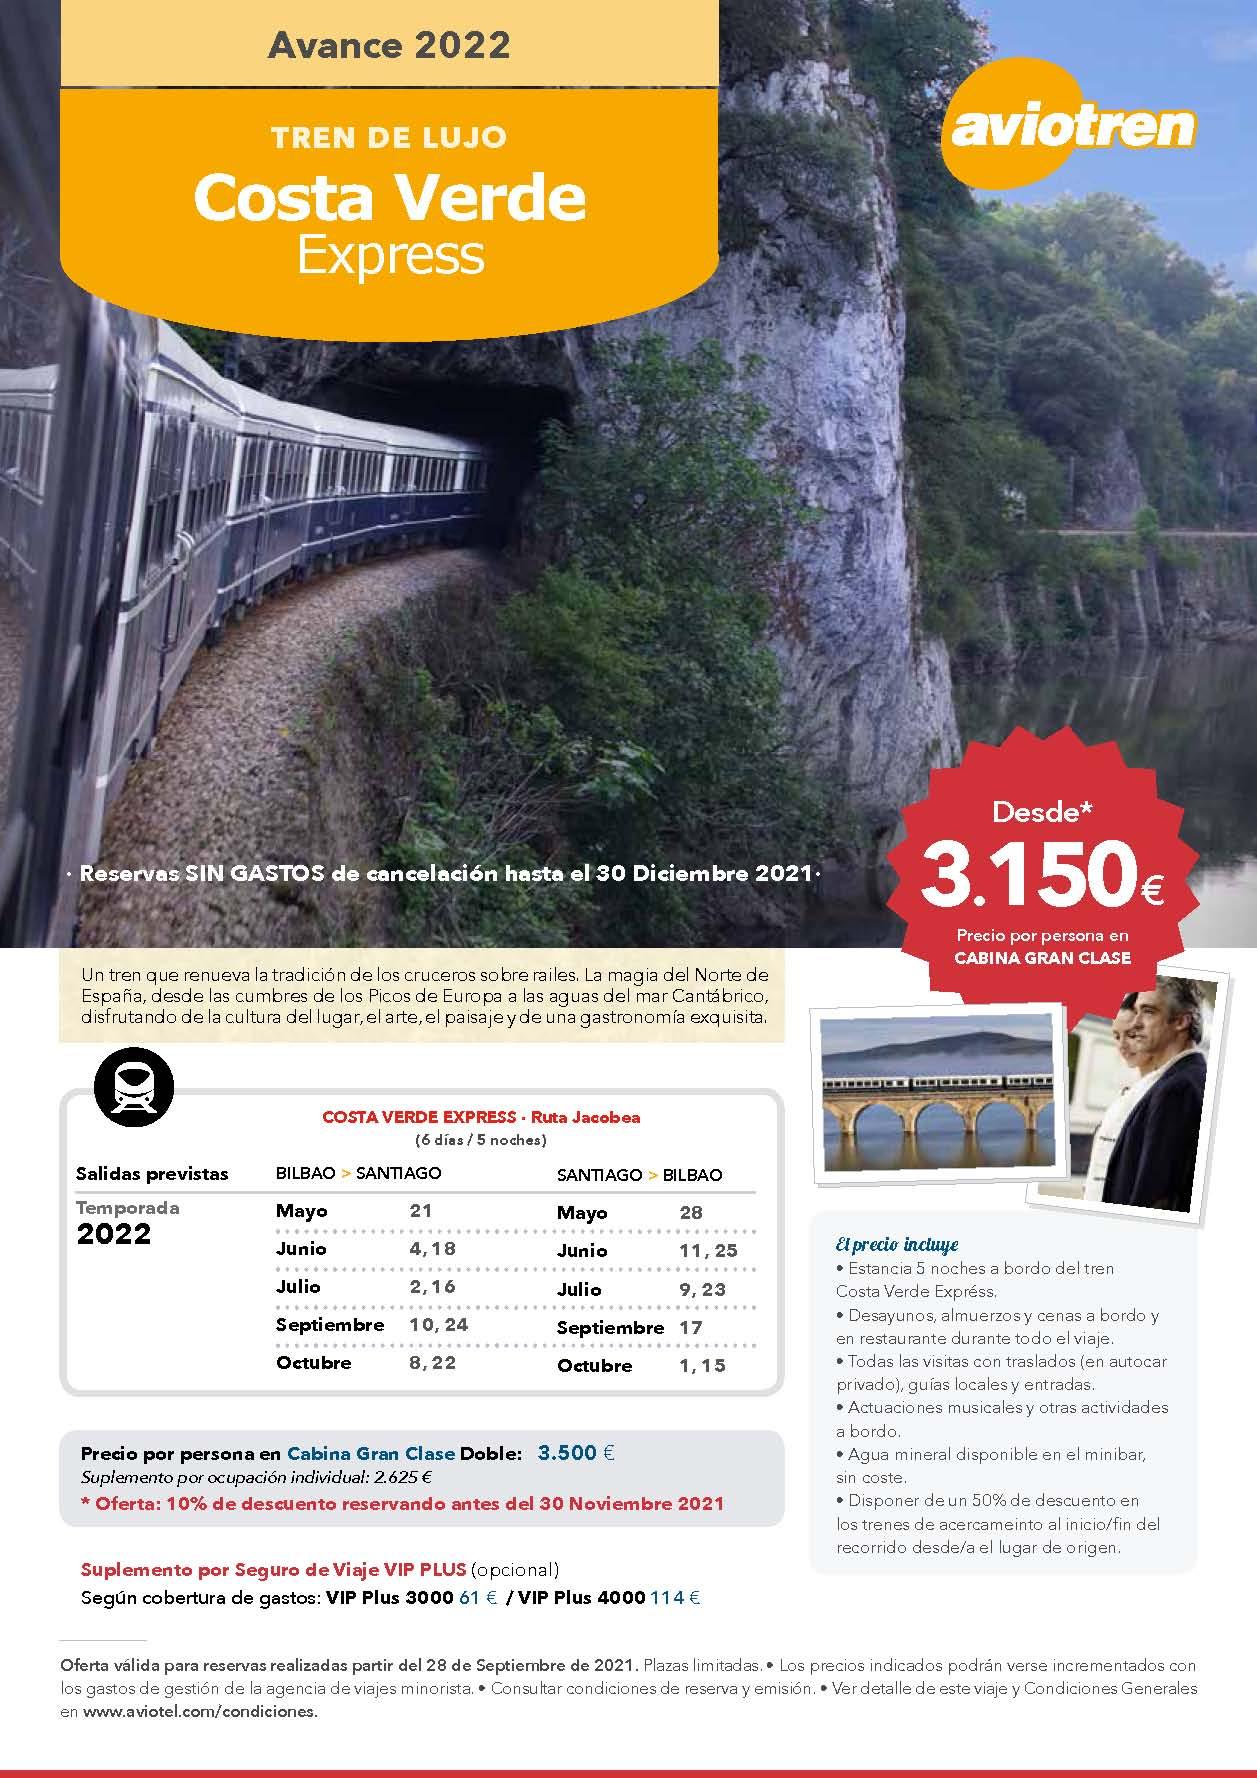 Oferta Aviotren Venta Anticipada Tren de Lujo Costa Verde Express 2022 hasta 31-12